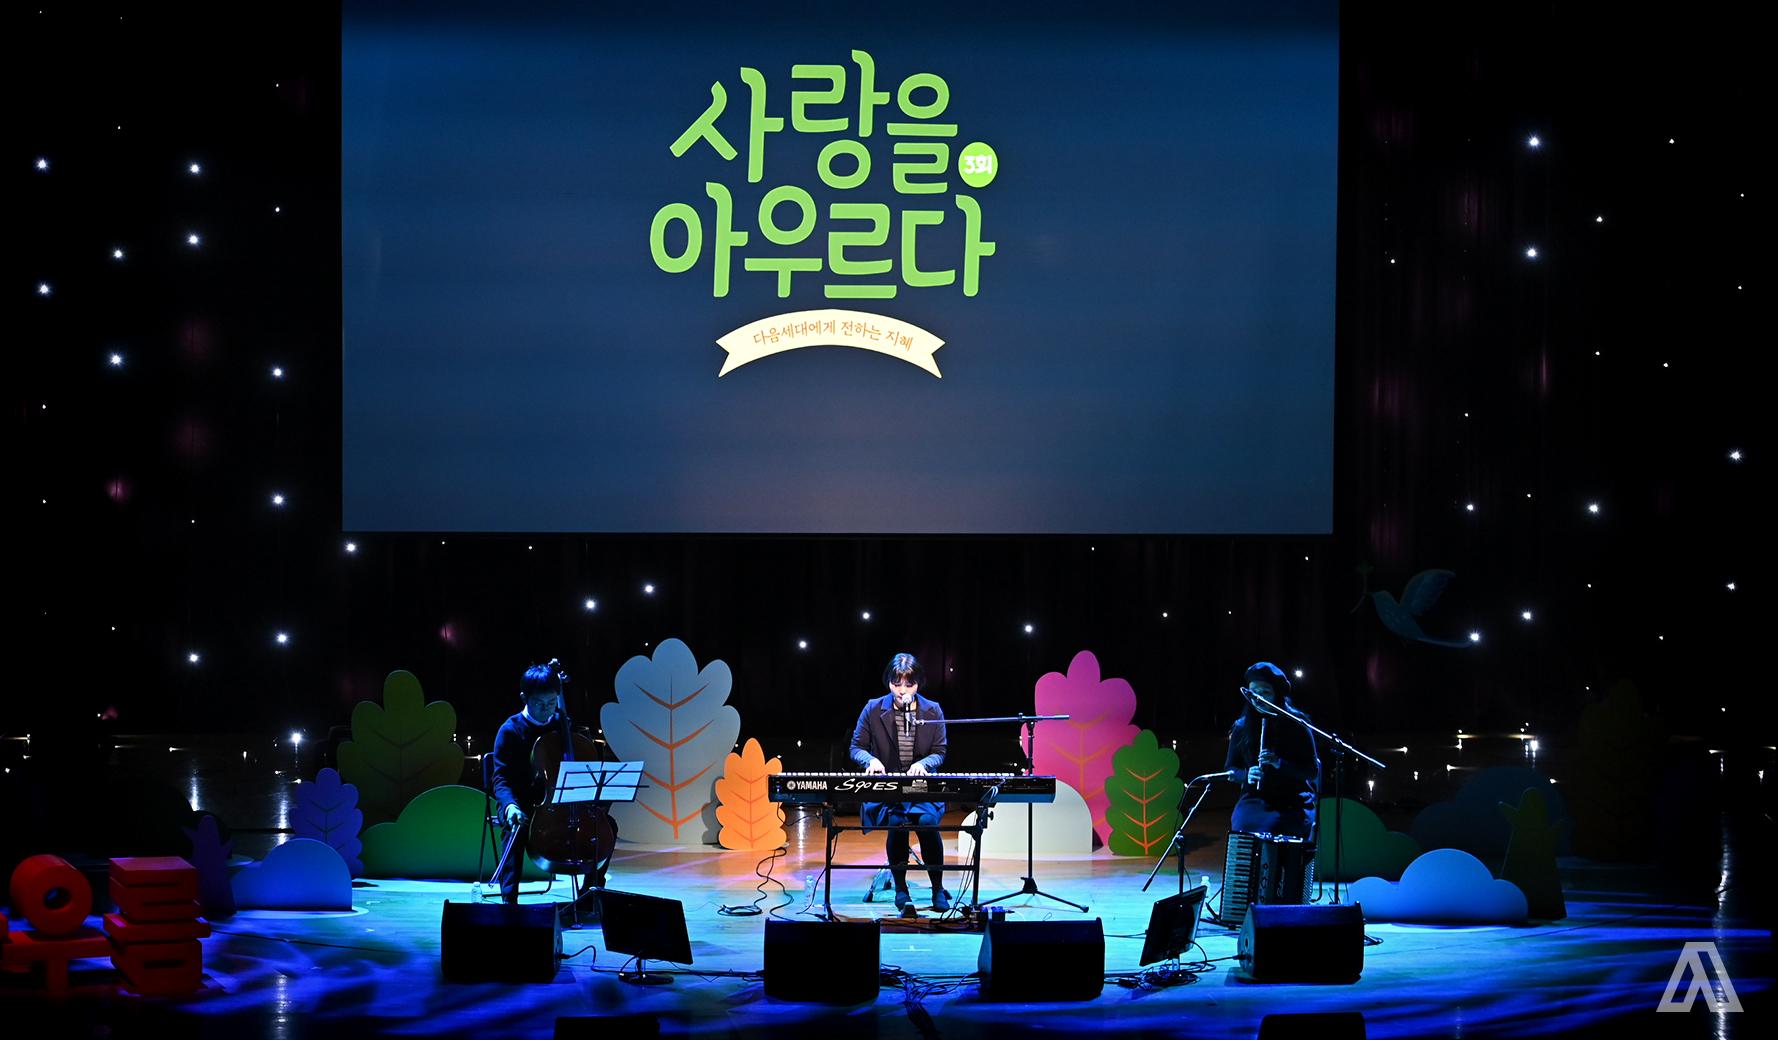 2019 아우름 인문학 콘서트